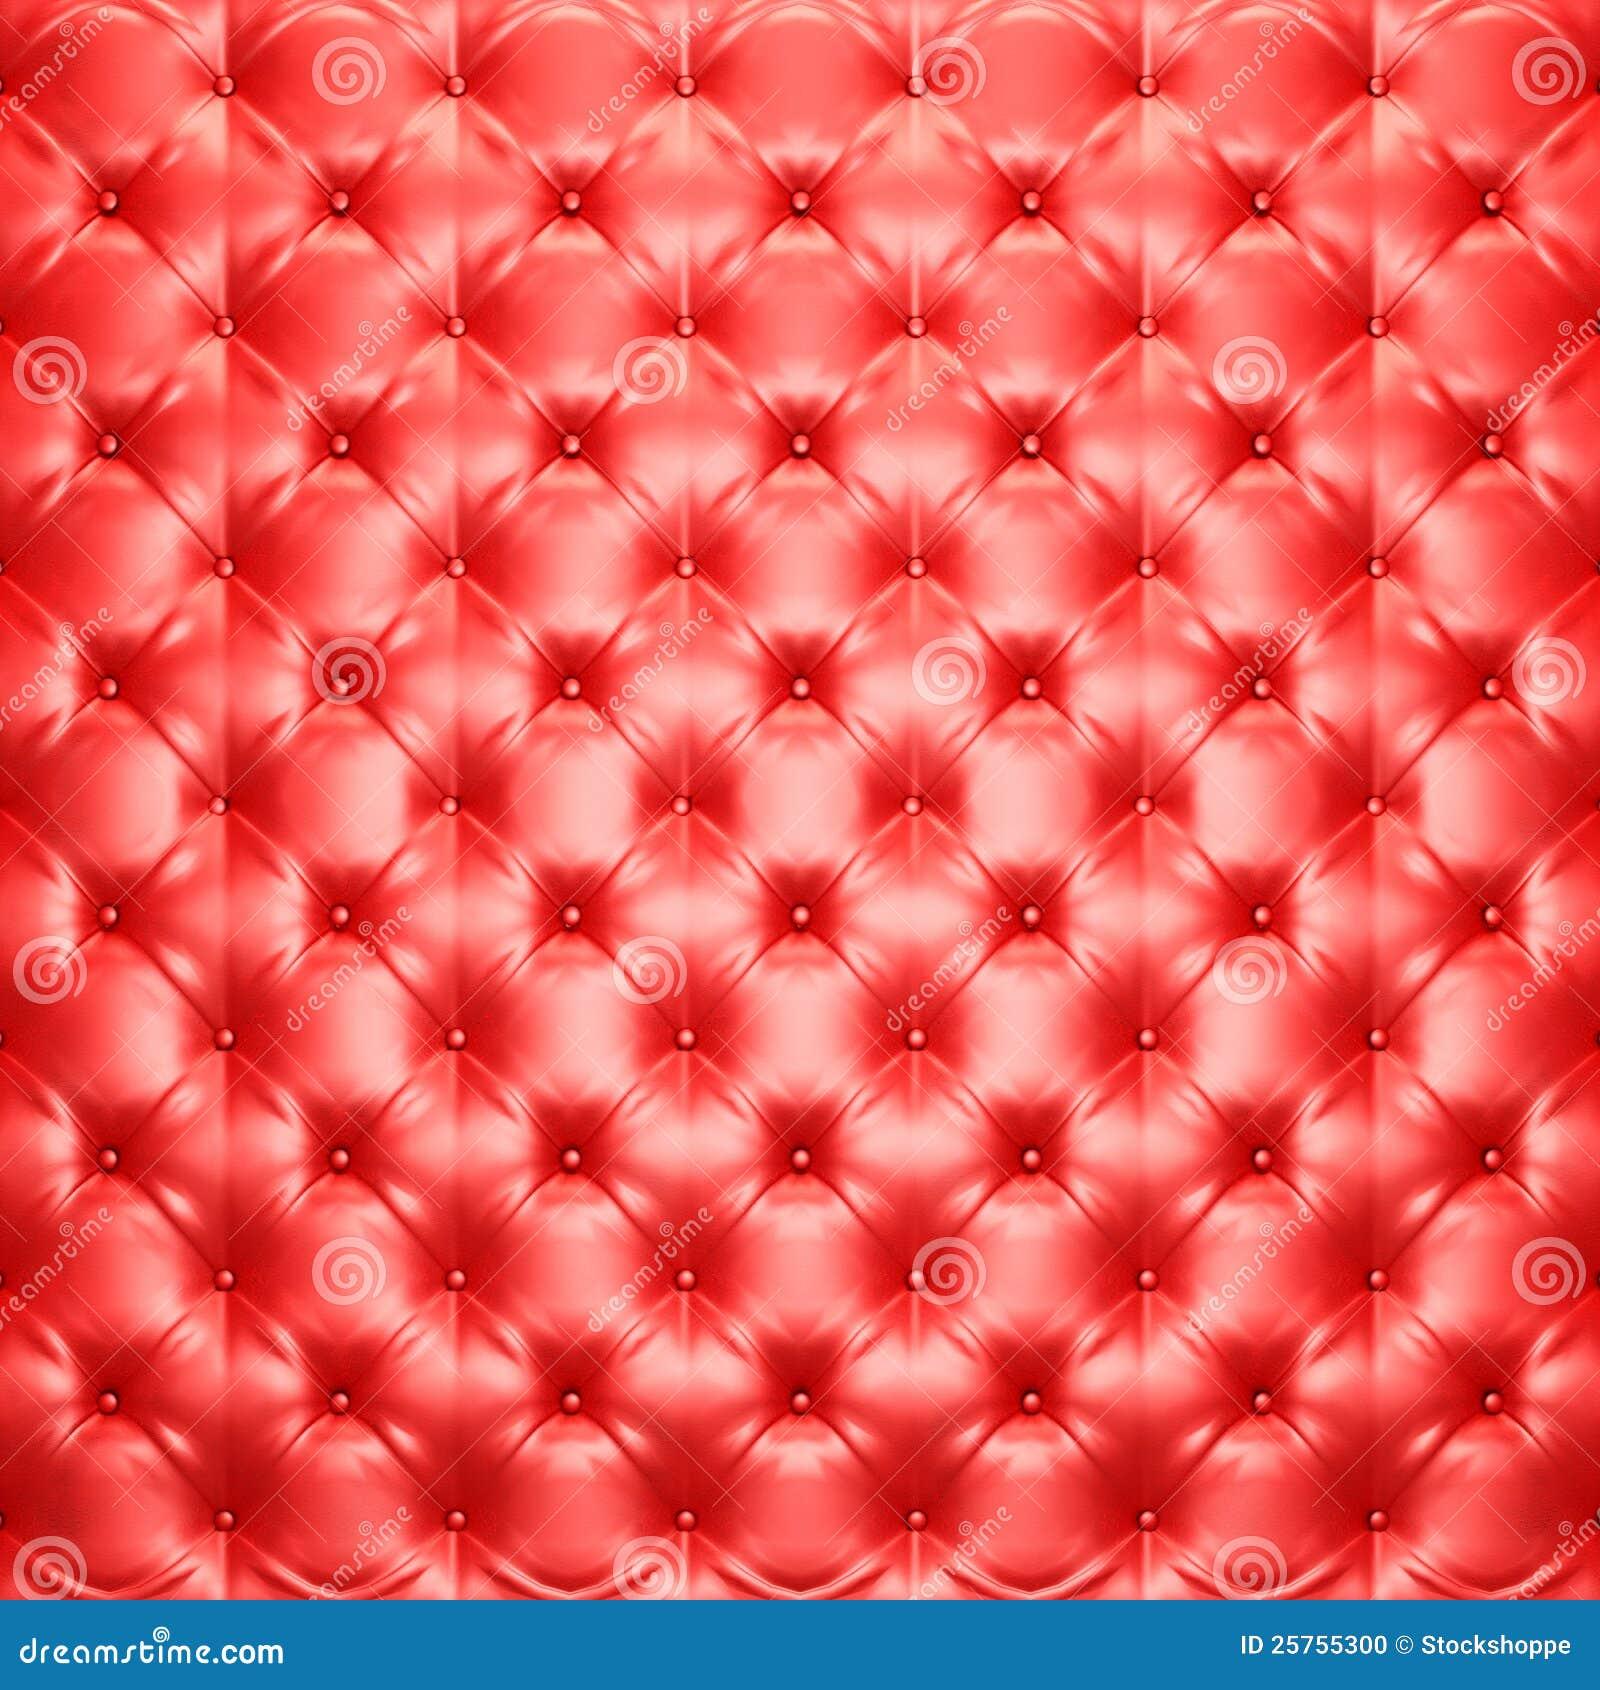 Red bed sheet texture - Mattress Texture